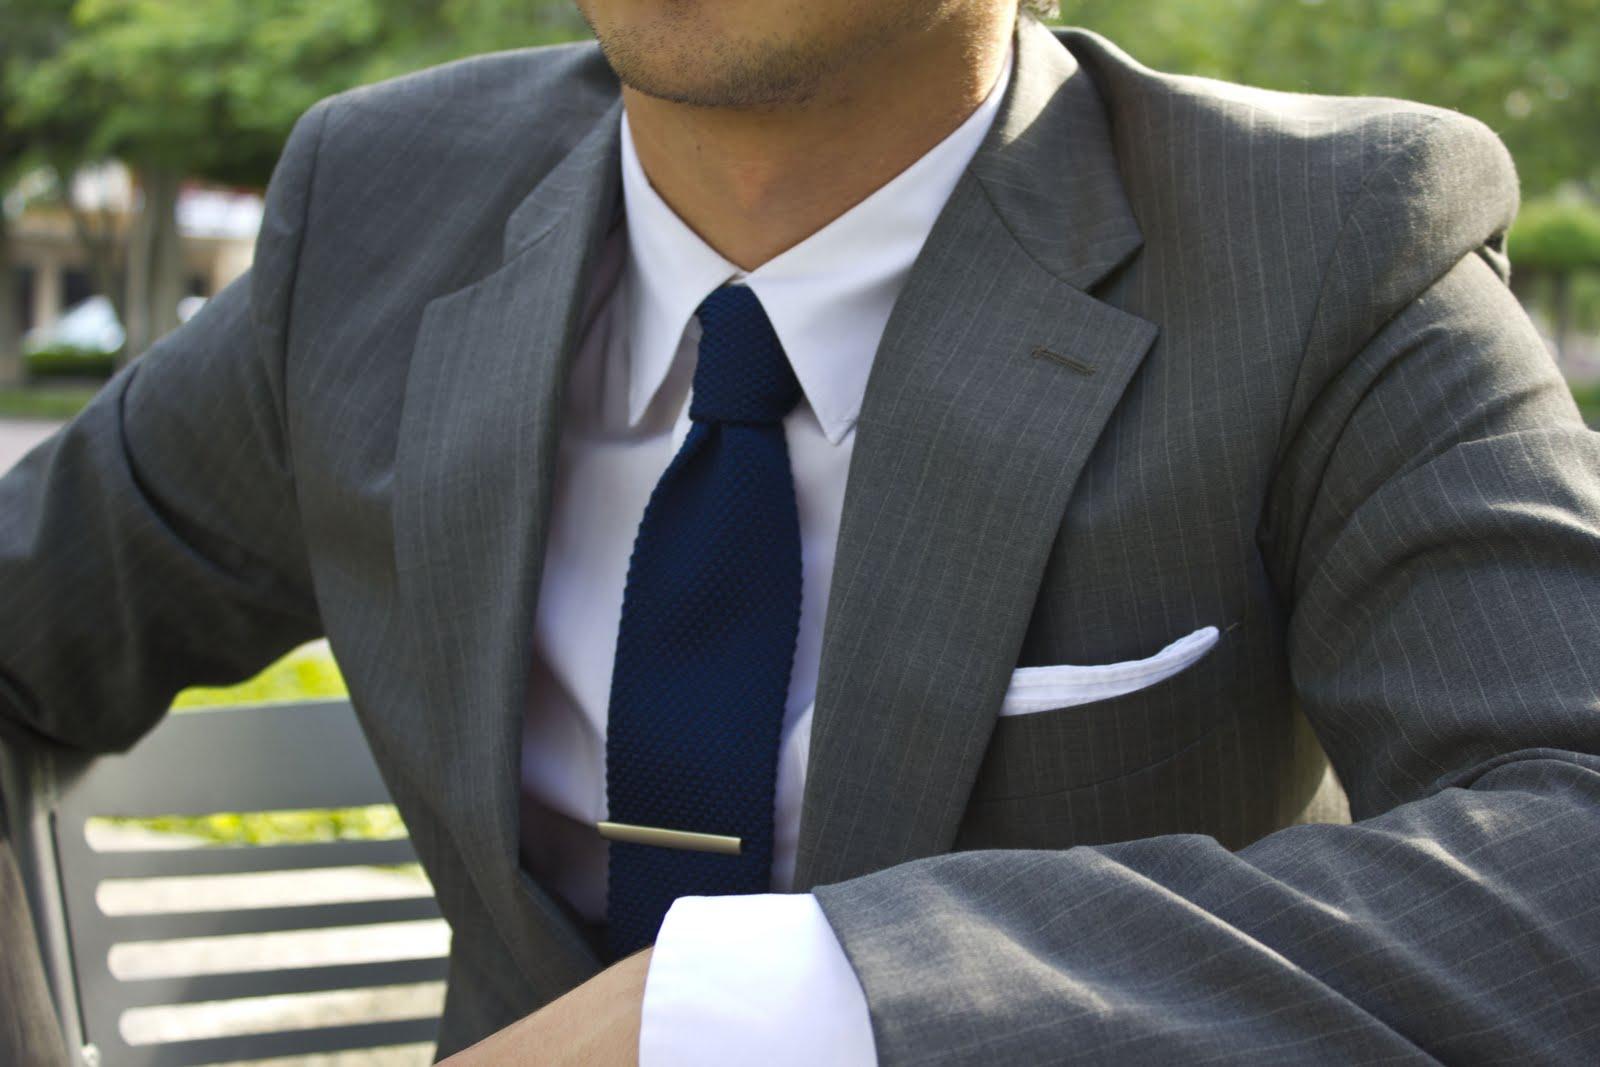 džentlmen, sako, oblek, kravata, košeľa, biela košeľa, spona na kravatu